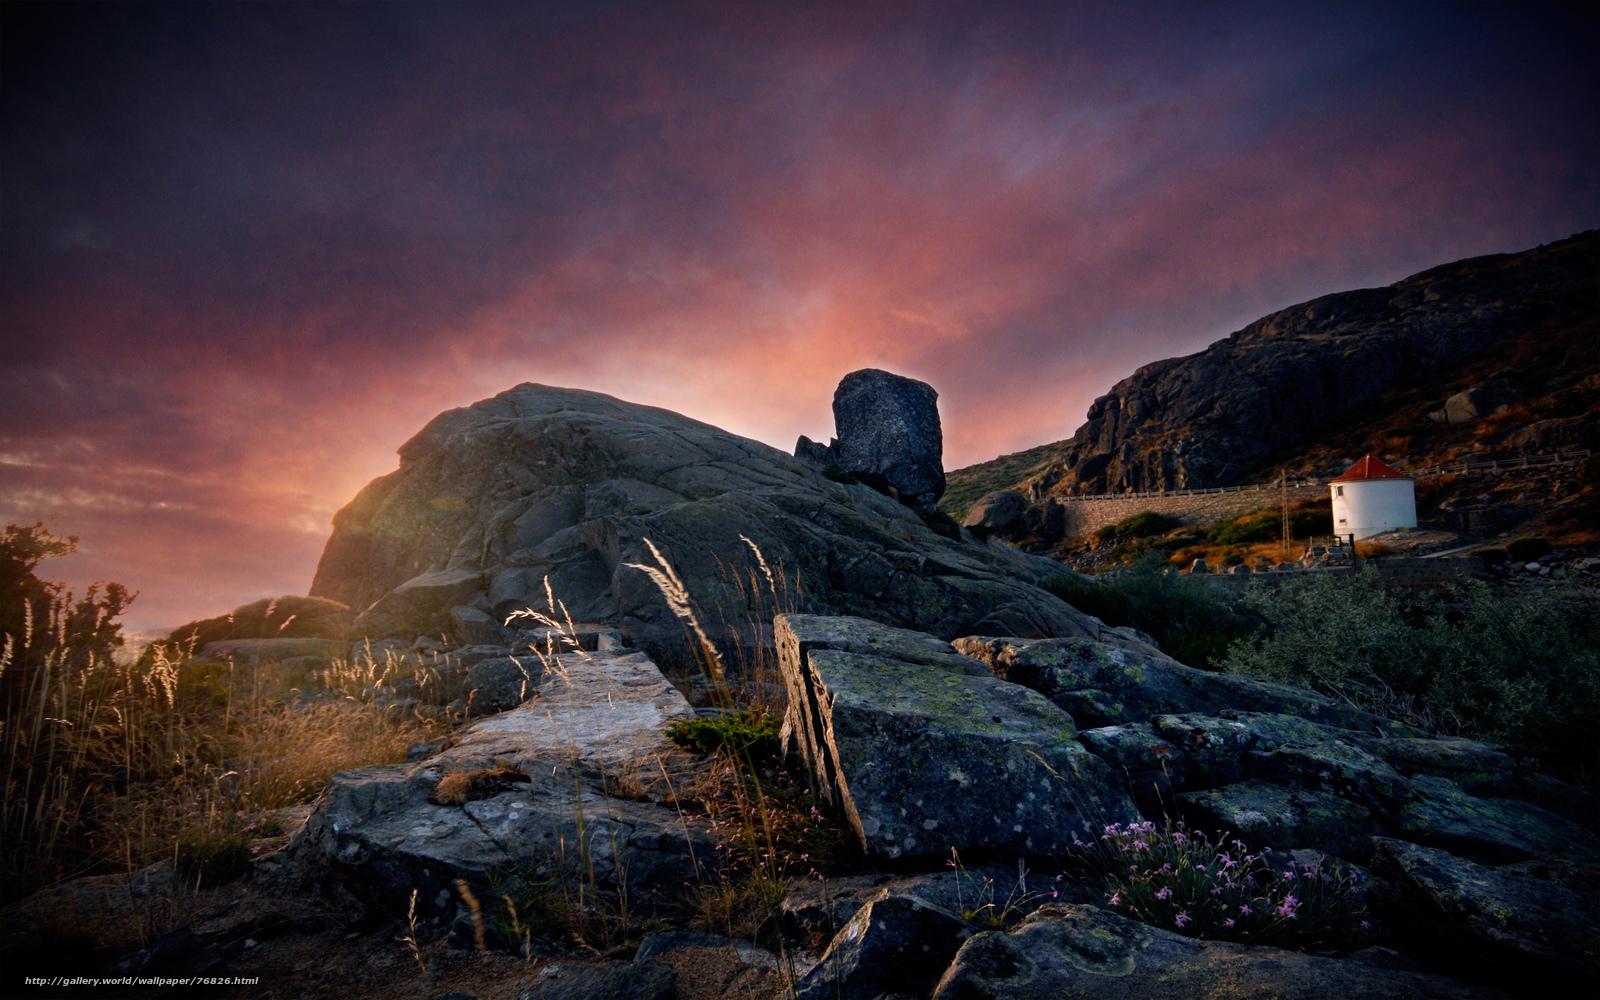 Скачать обои португалия,  закат,  горы бесплатно для рабочего стола в разрешении 2560x1600 — картинка №76826